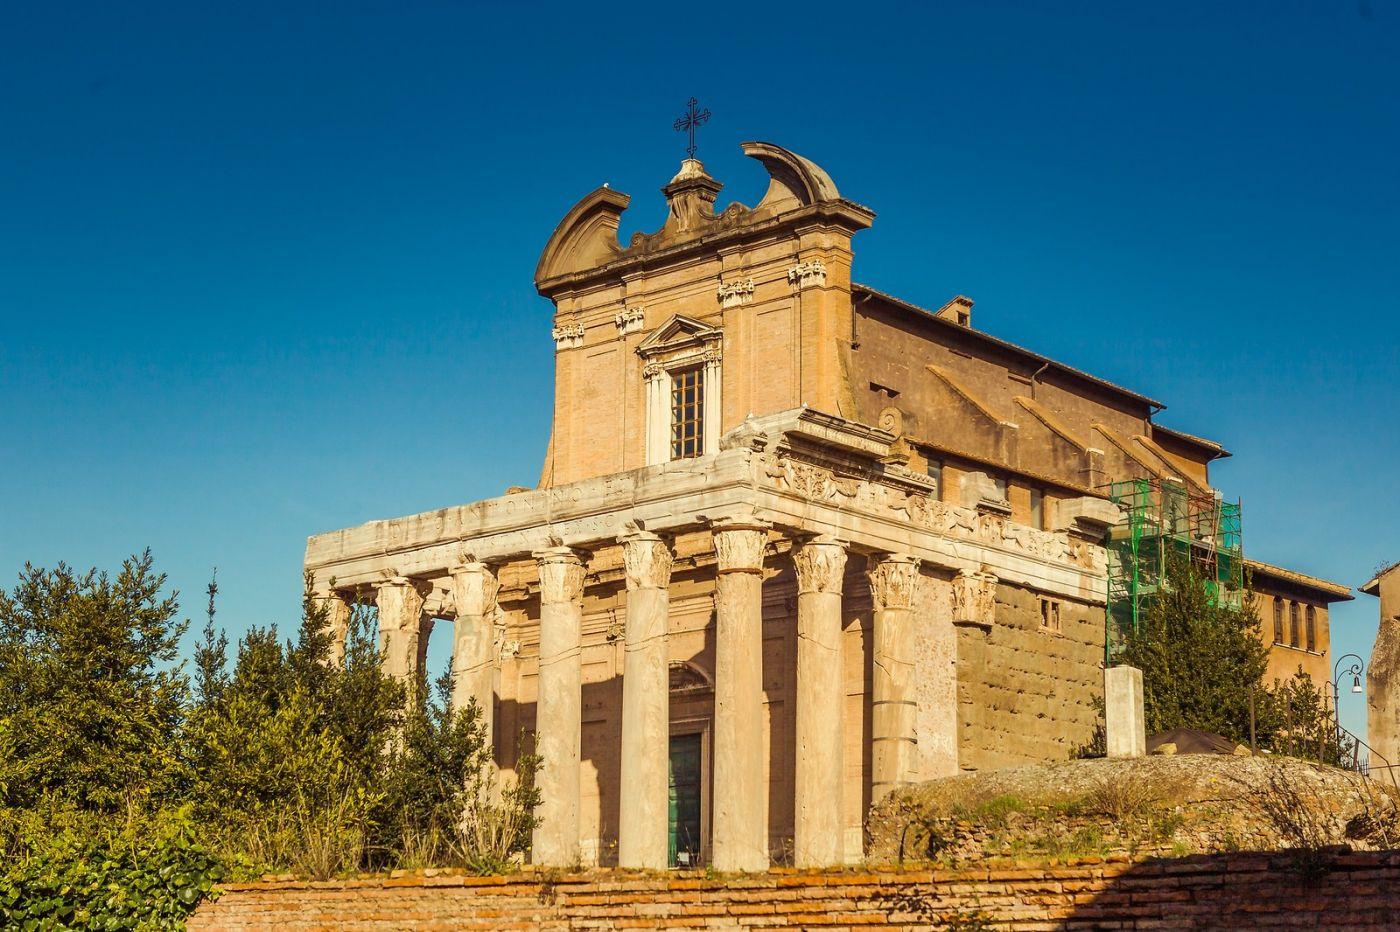 意大利罗马论坛,二千年的历史_图1-10